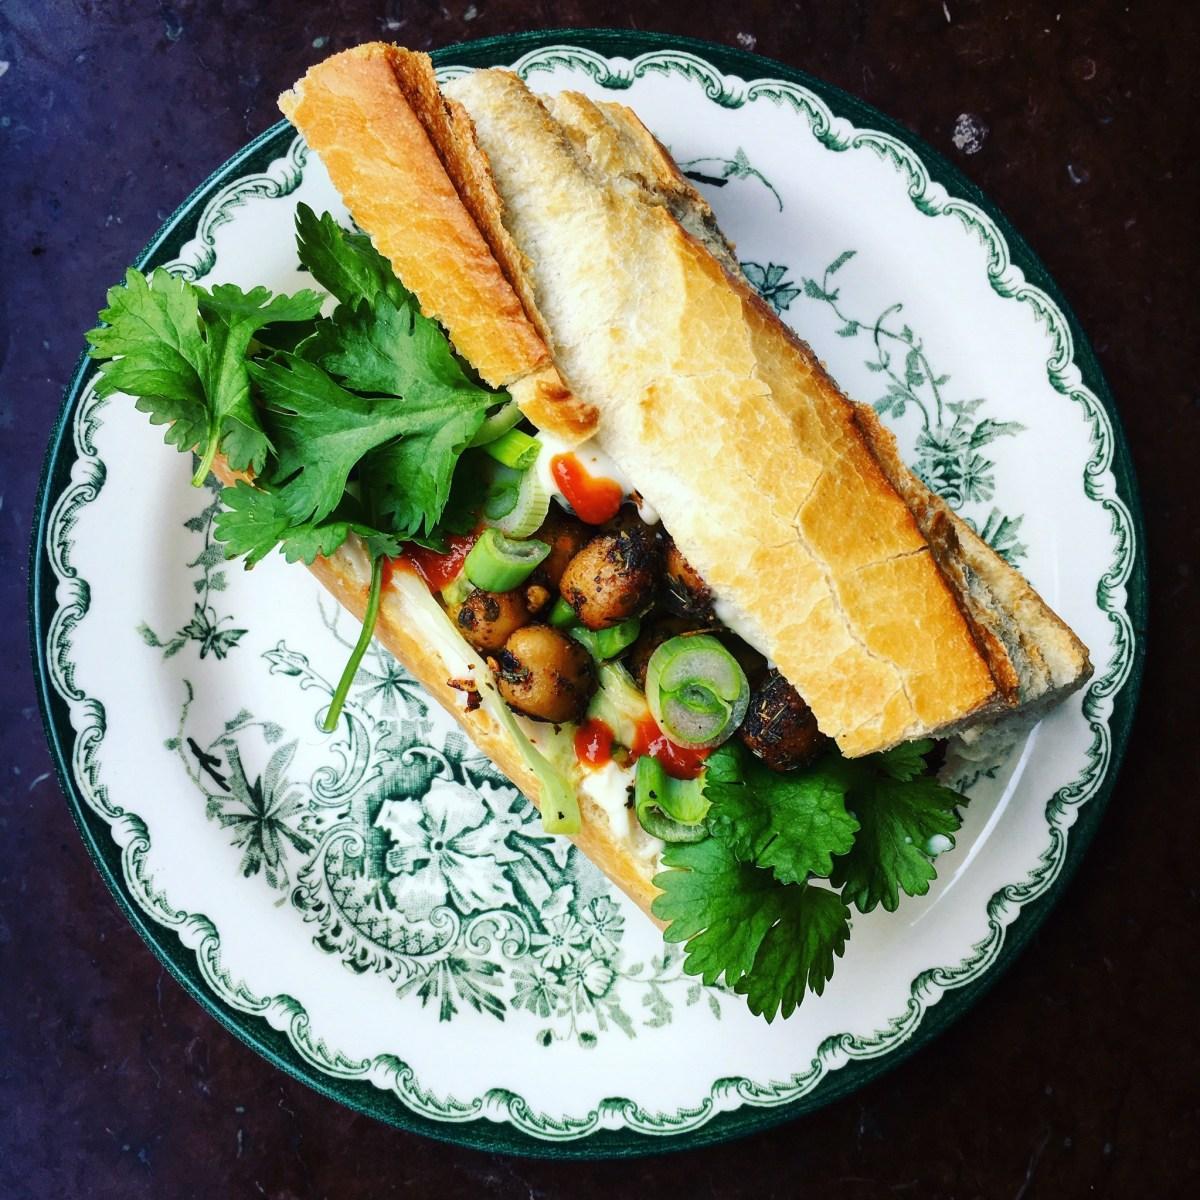 vegansk banh mi med kryddrostade kikärtor, majonnäs, snabb kålsallad på spetskål, koriander, salladslök och baguette